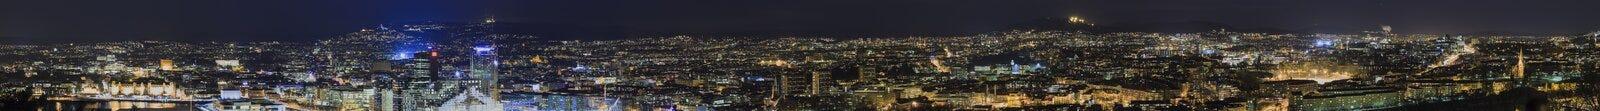 Nattpanorama av Oslo Royaltyfria Bilder